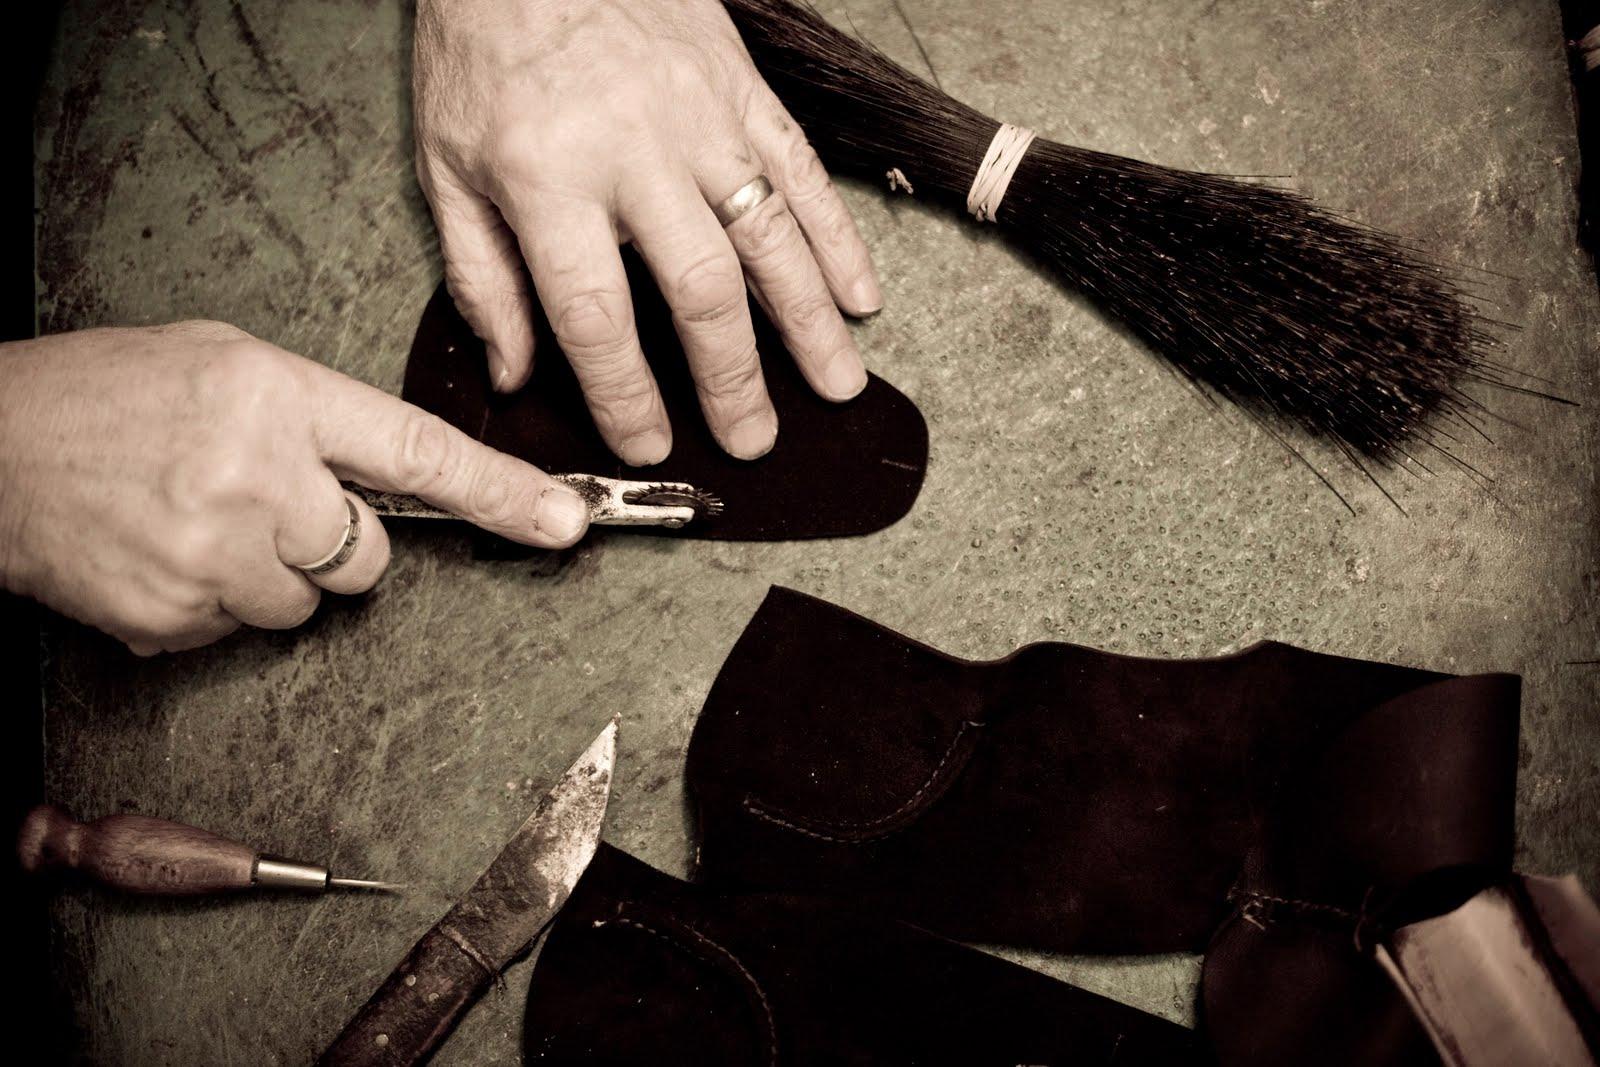 Le genre d'image que les marques aiment mettre sur le site pour se la jouer tradition et artisanat. (Source : Tassels)